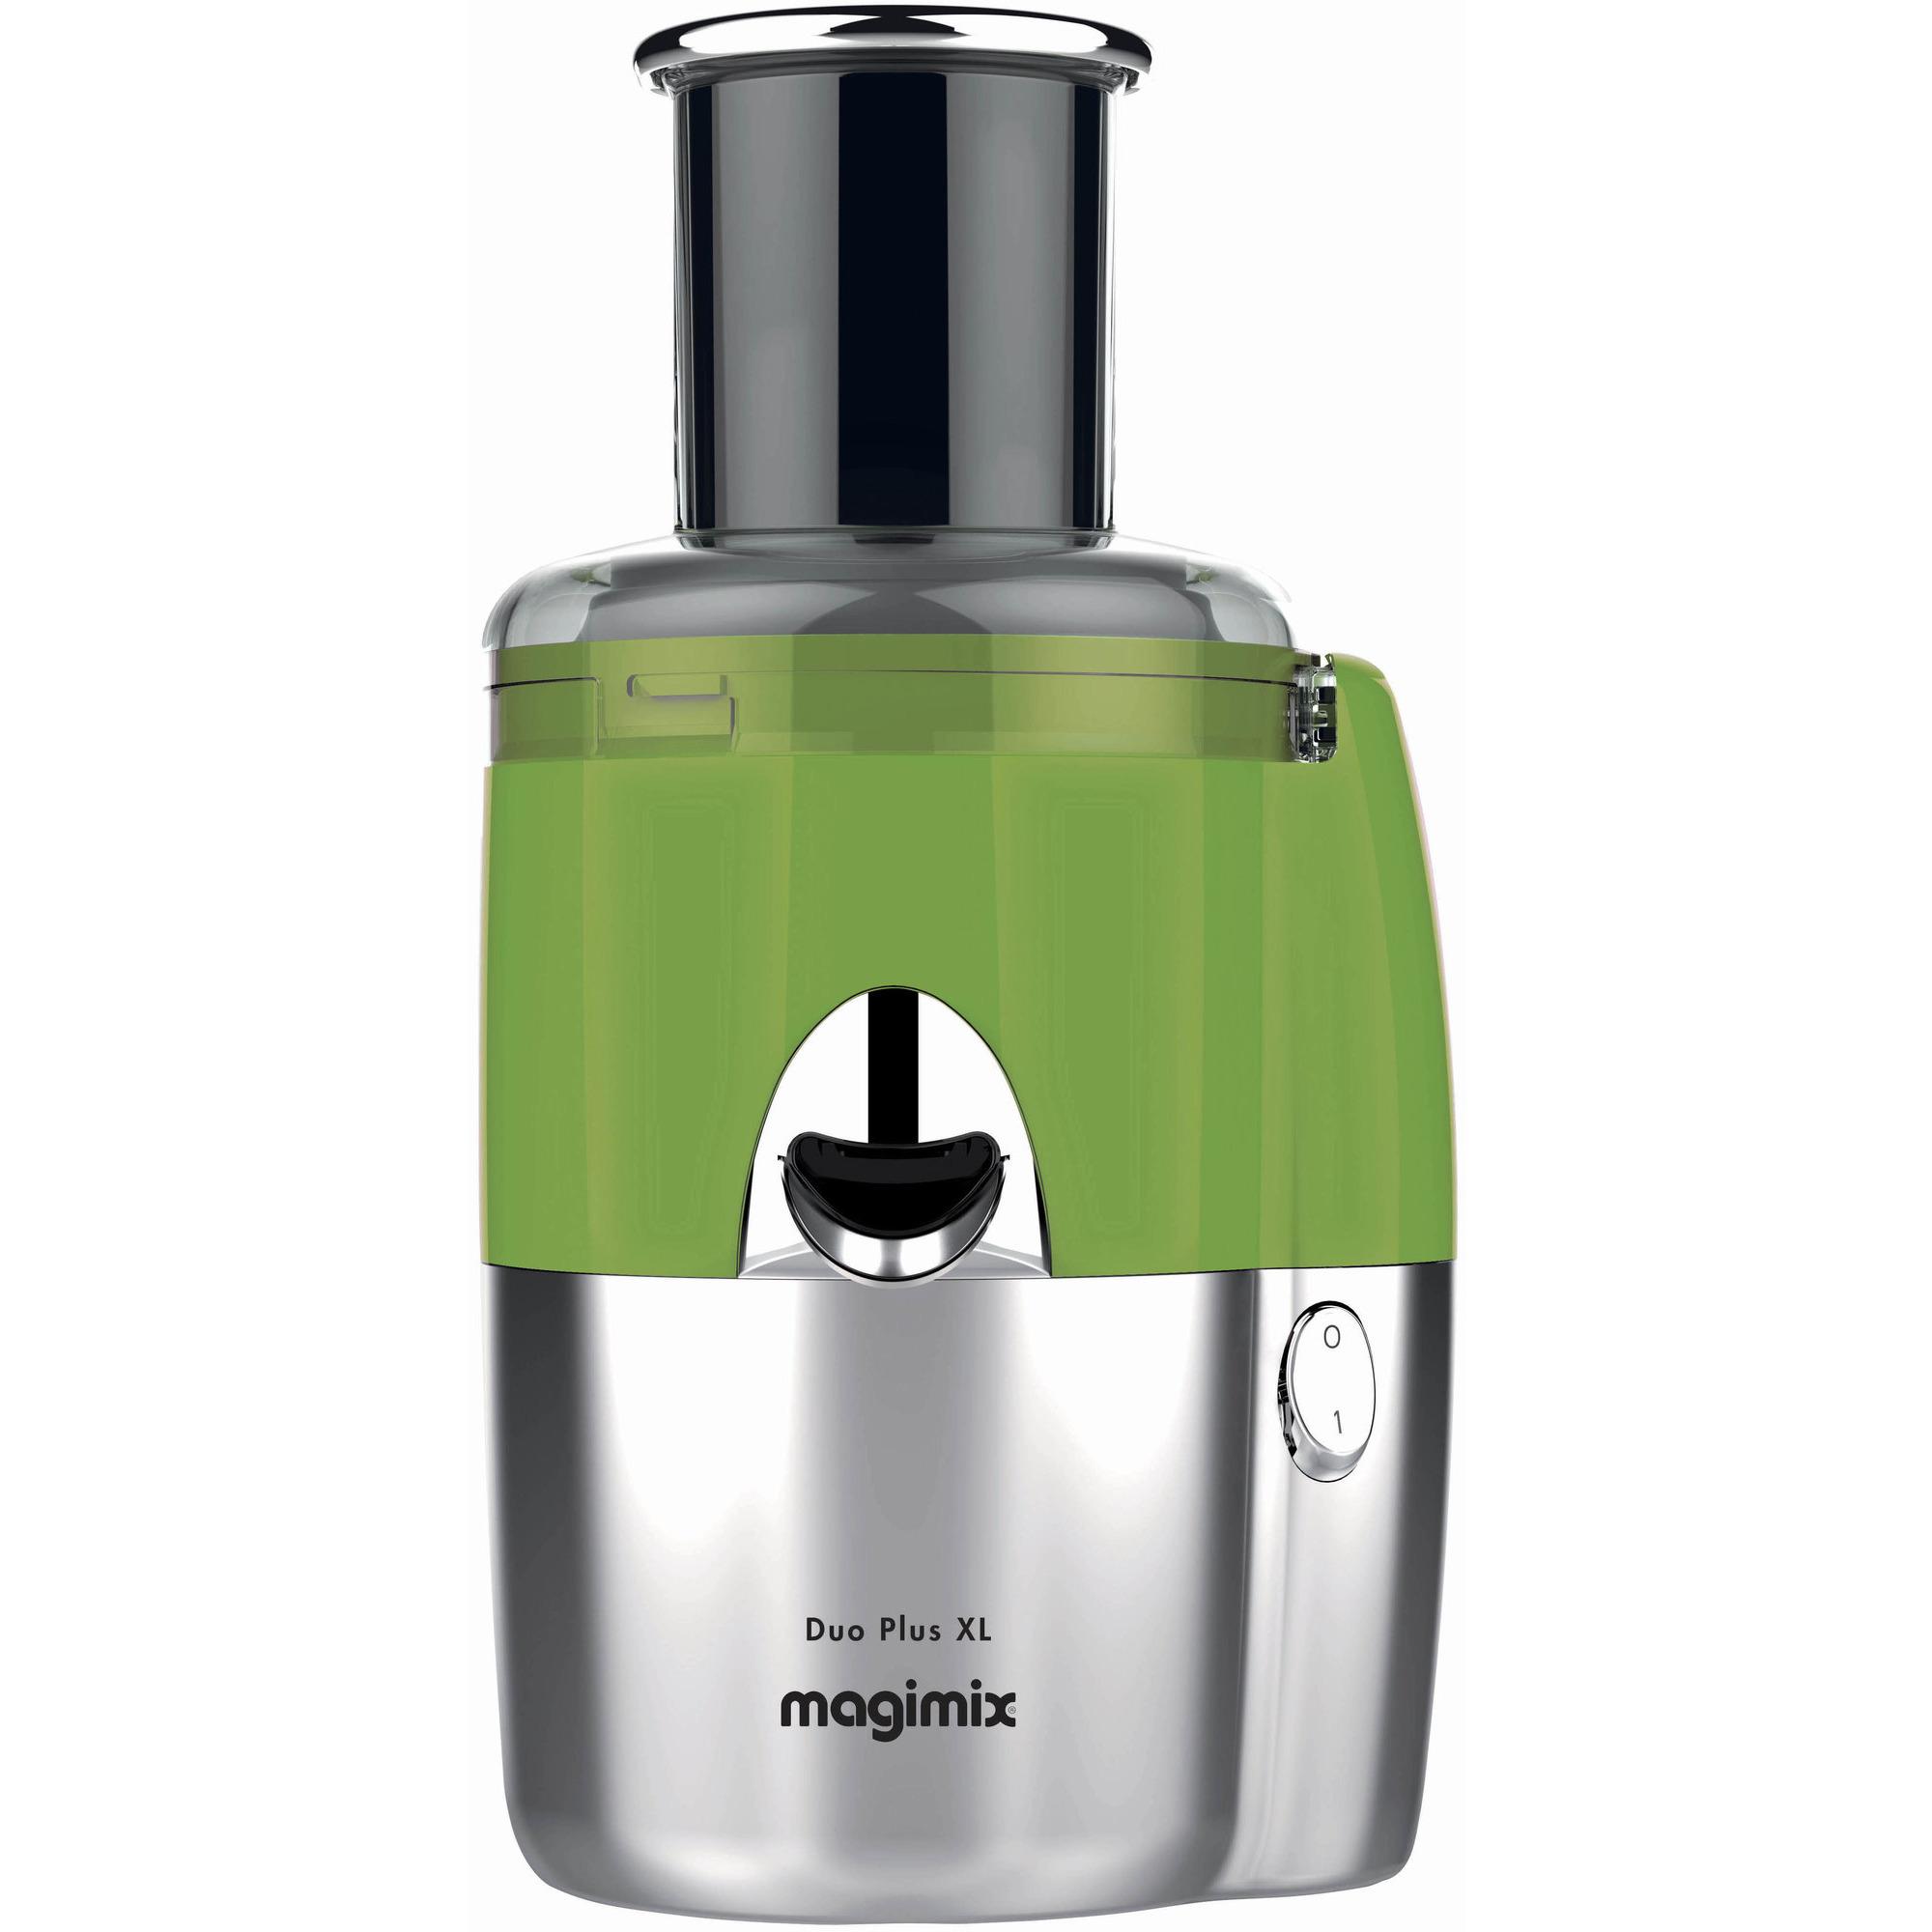 Magimix Duo Plus XL juicer/saftpr grøn/mat krom